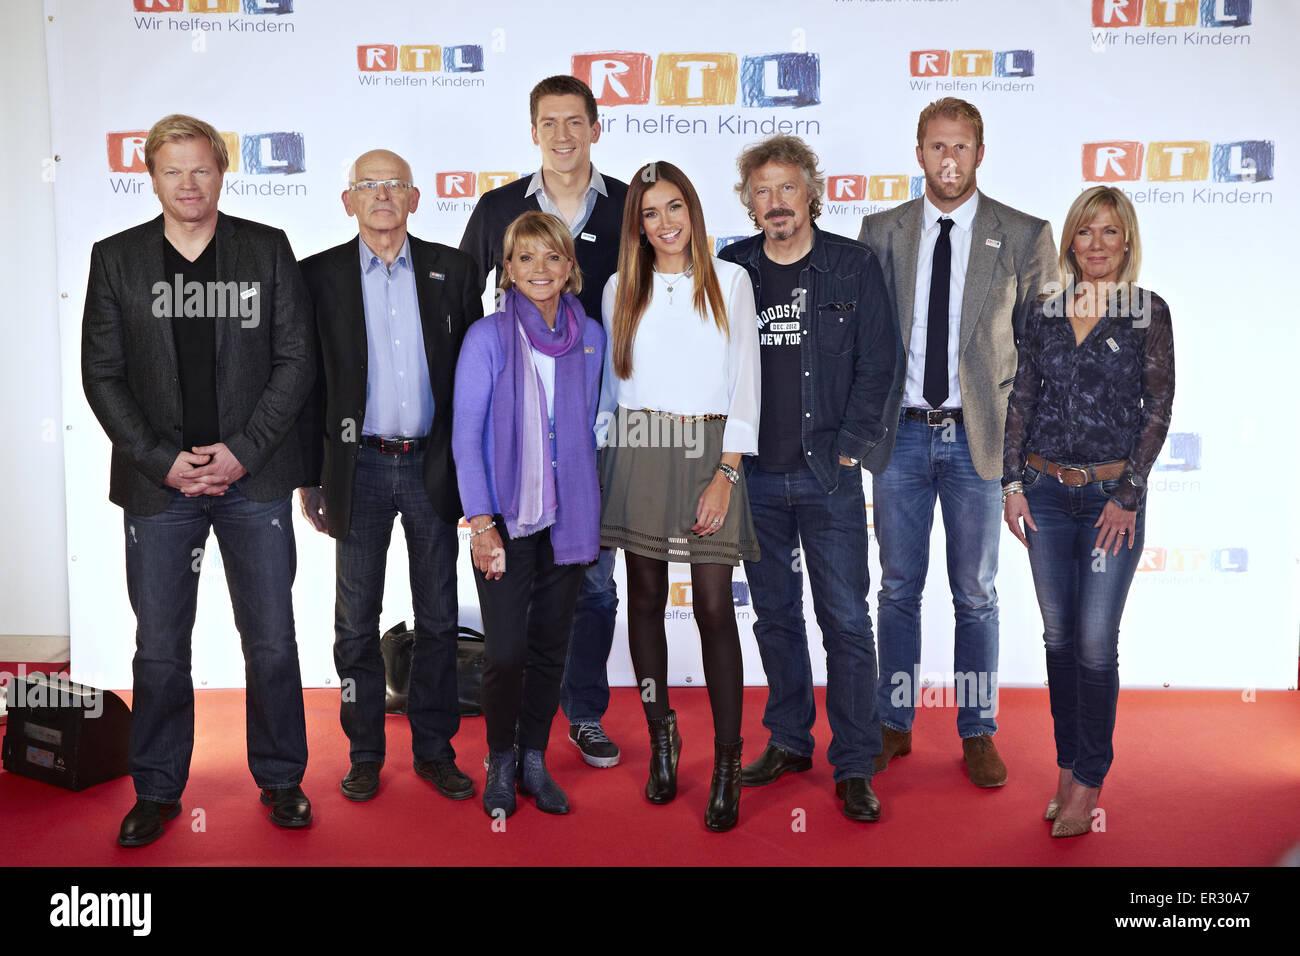 Jeans ulrike groeben von der RTL Aktuell